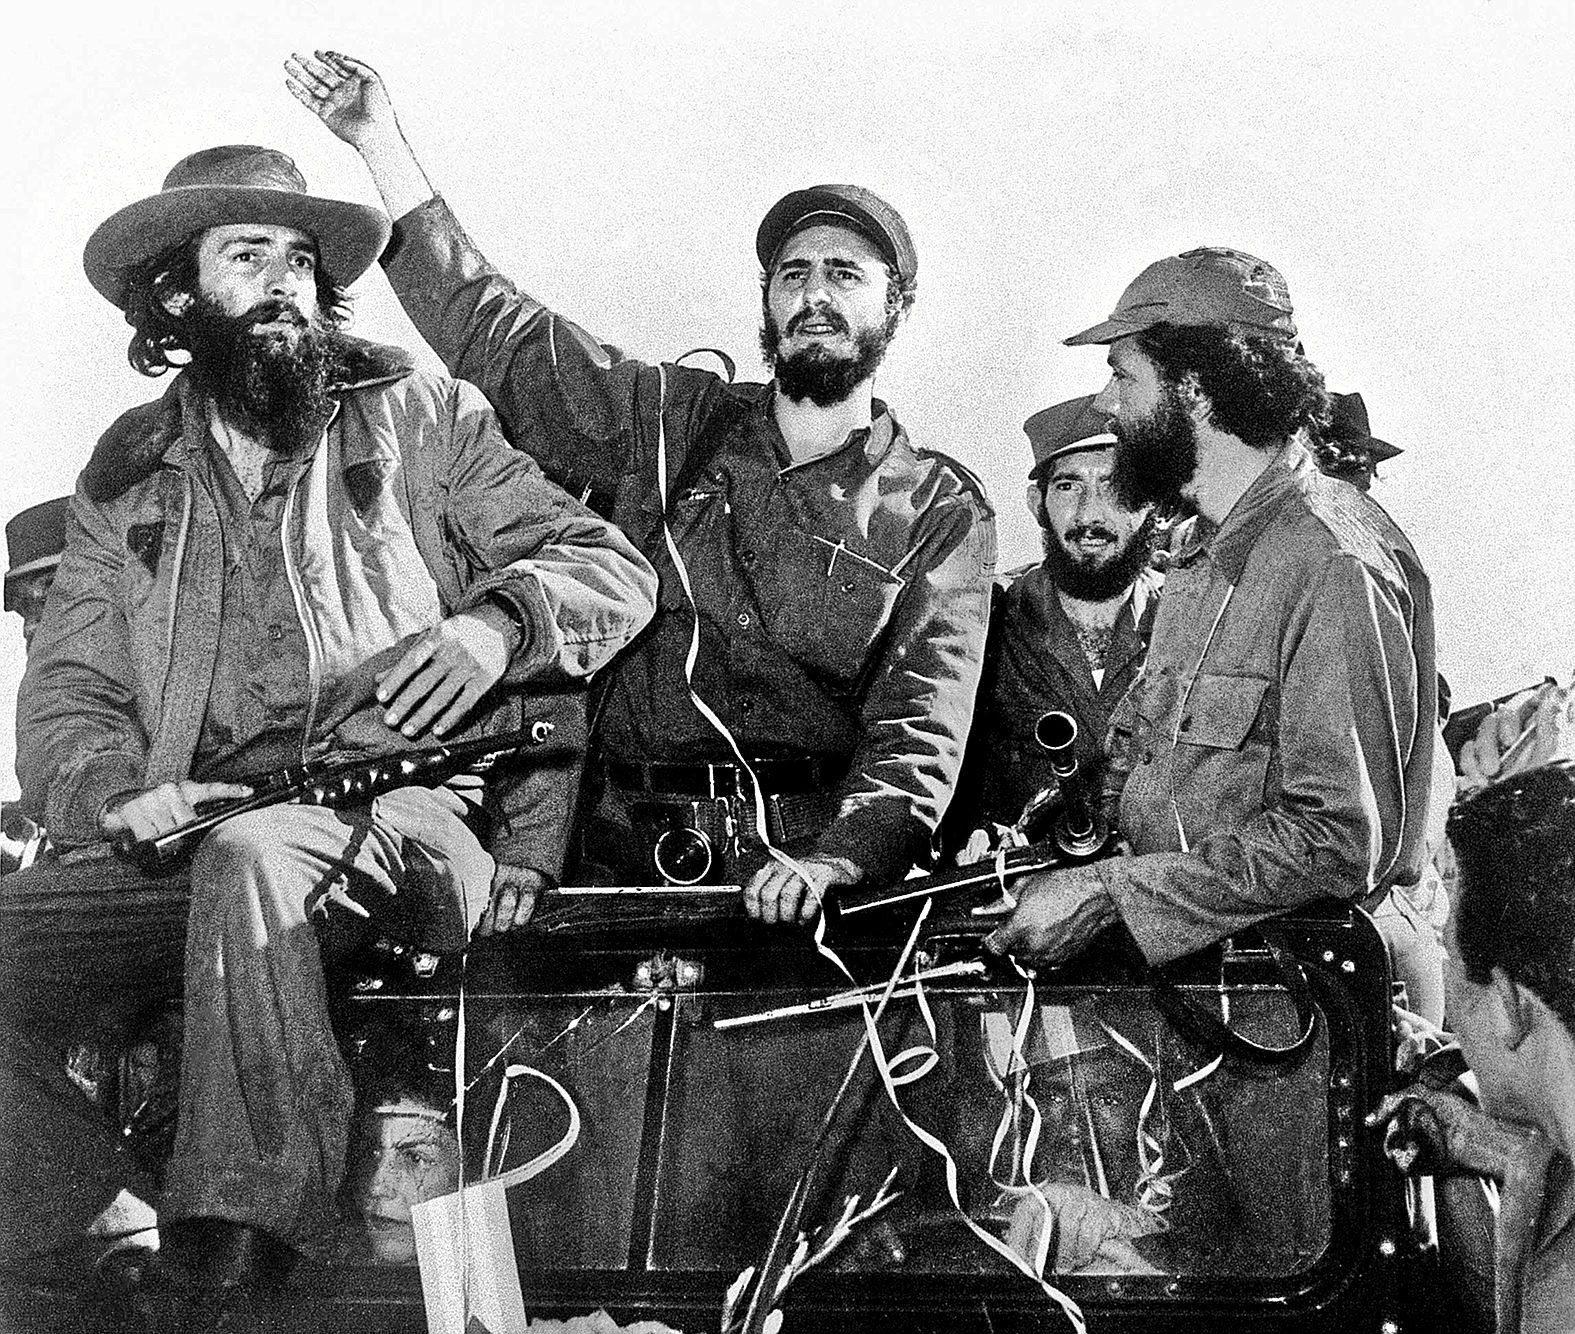 """Foto de archivo de la Revolución Cubana. El rebelde cubano (c) rodeado de miembros de su guerrilla """"Movimiento 26 de Julio"""", saludan desde un jeep el 8 de enero de 1959, a su entrada en La Habana tras su victoria sobre las fuerzas del general Fulgencio Batista."""